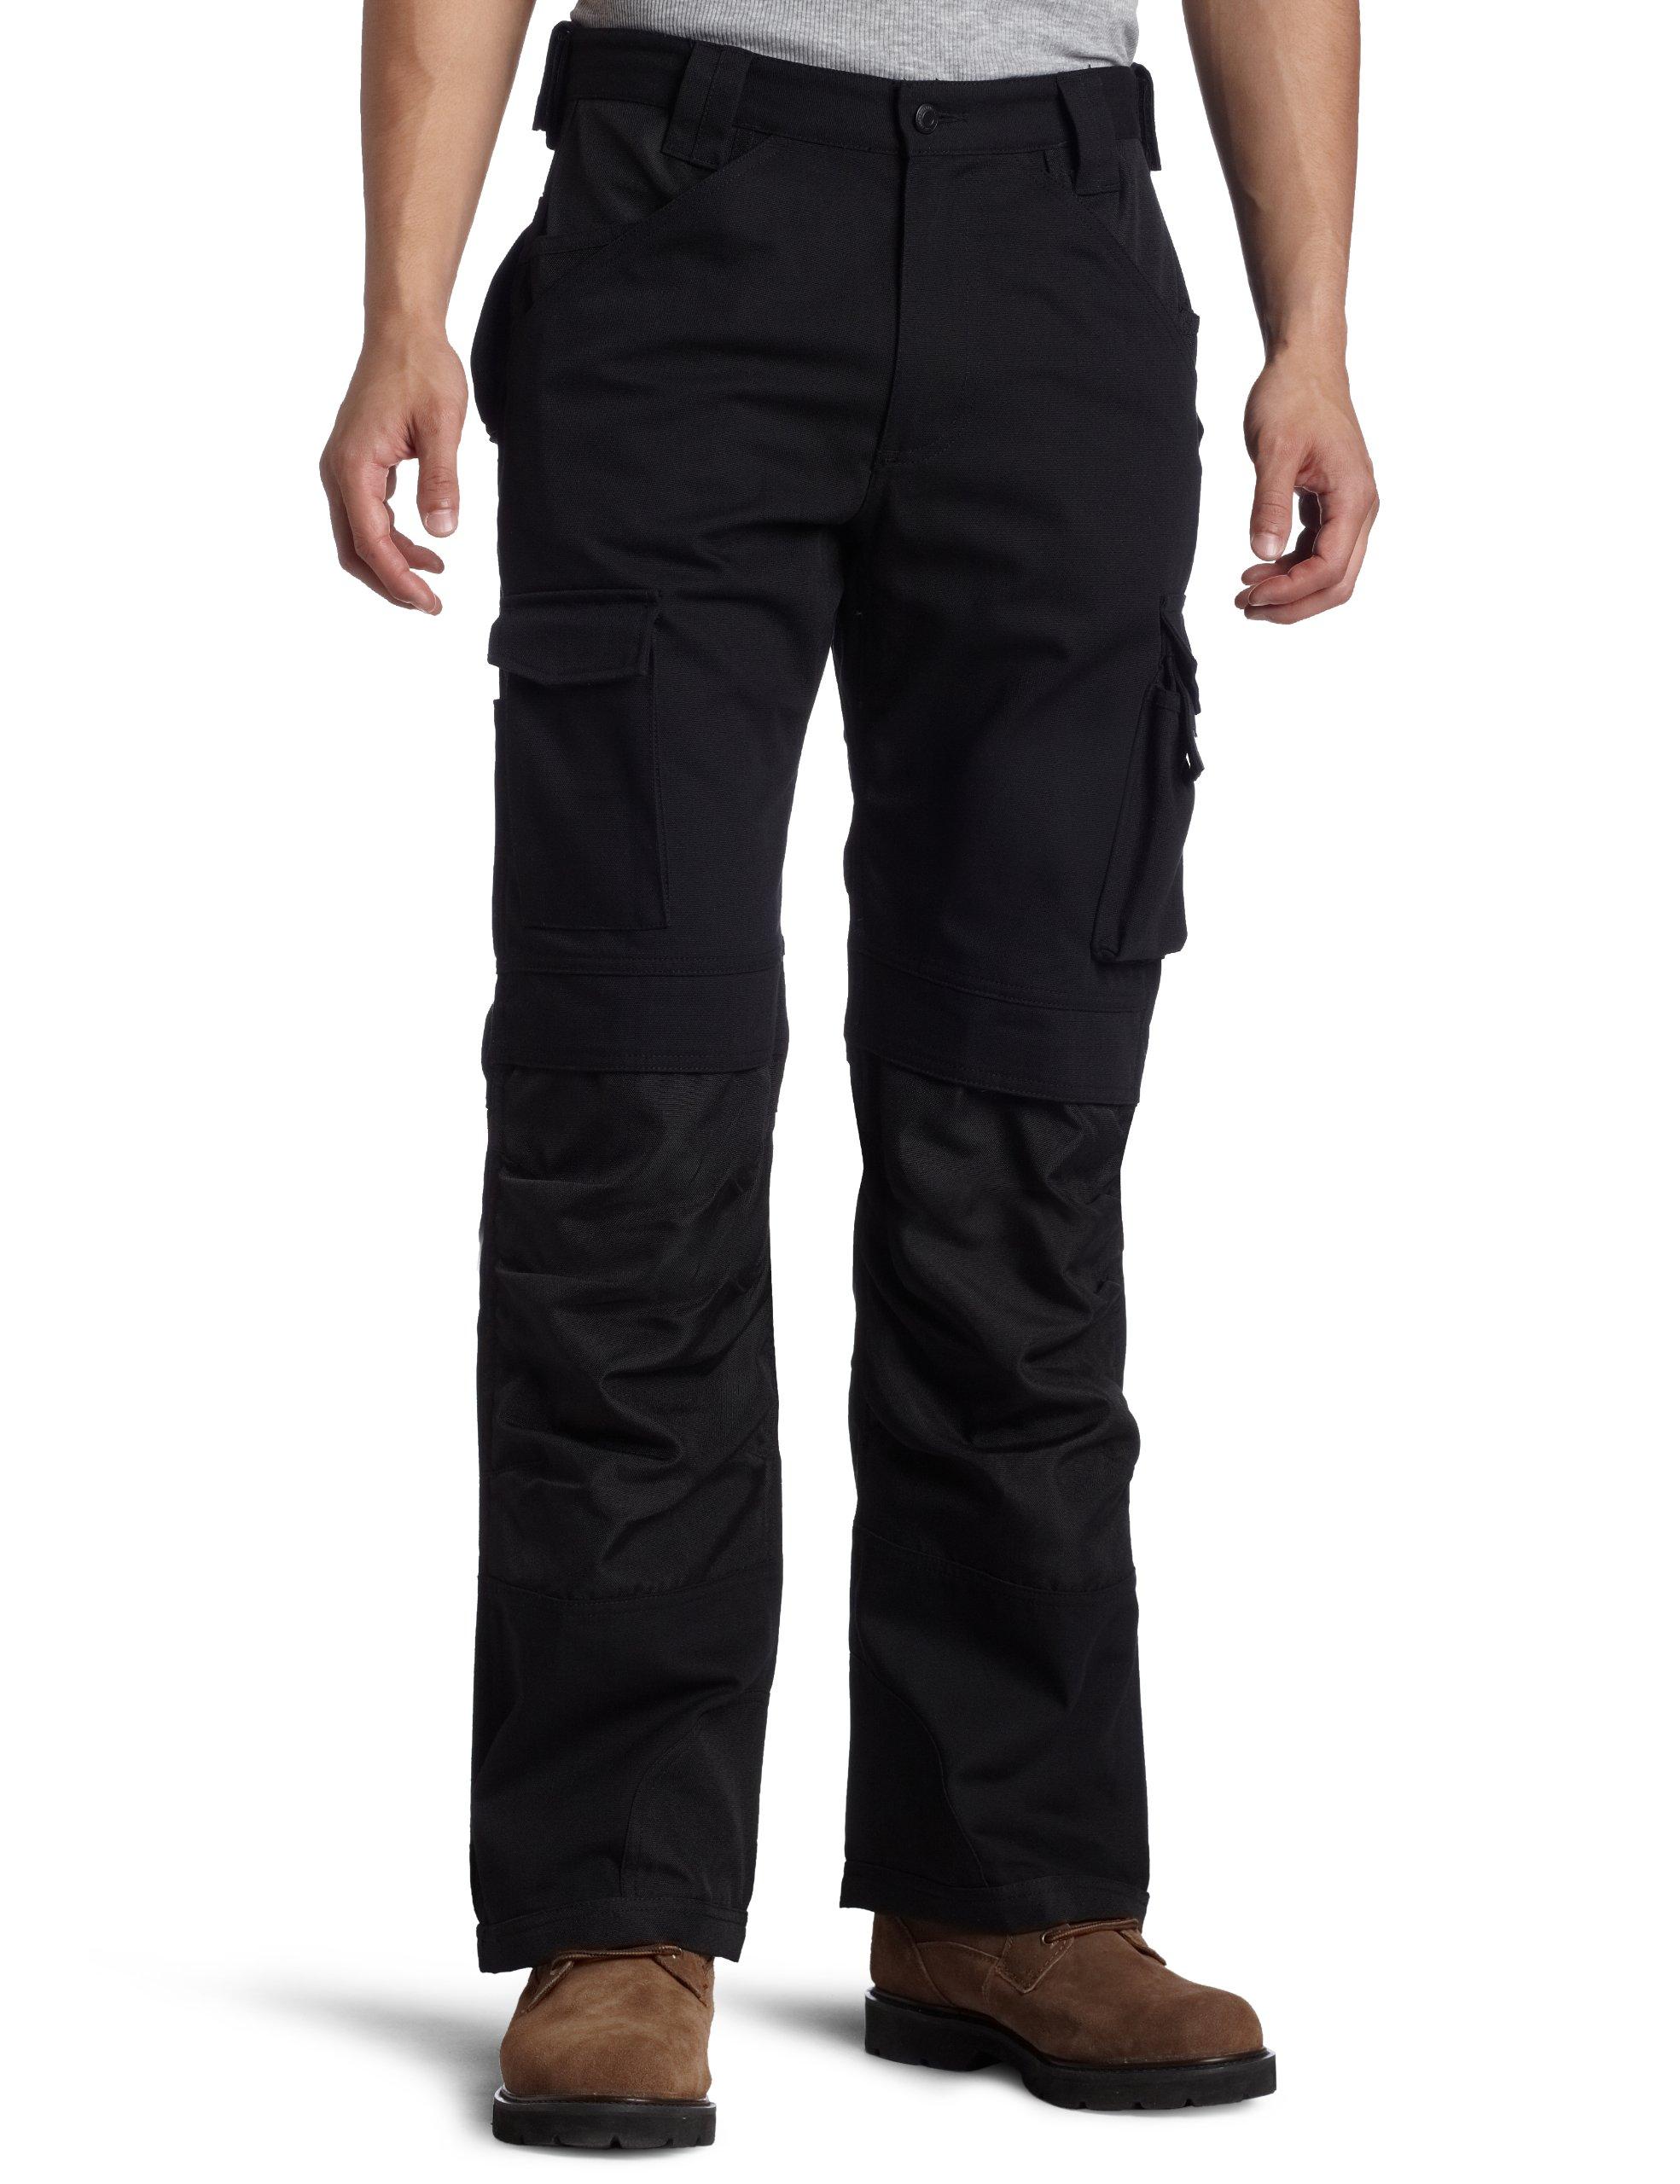 Caterpillar Men's Trademark Pant (Regular and Big & Tall Sizes)